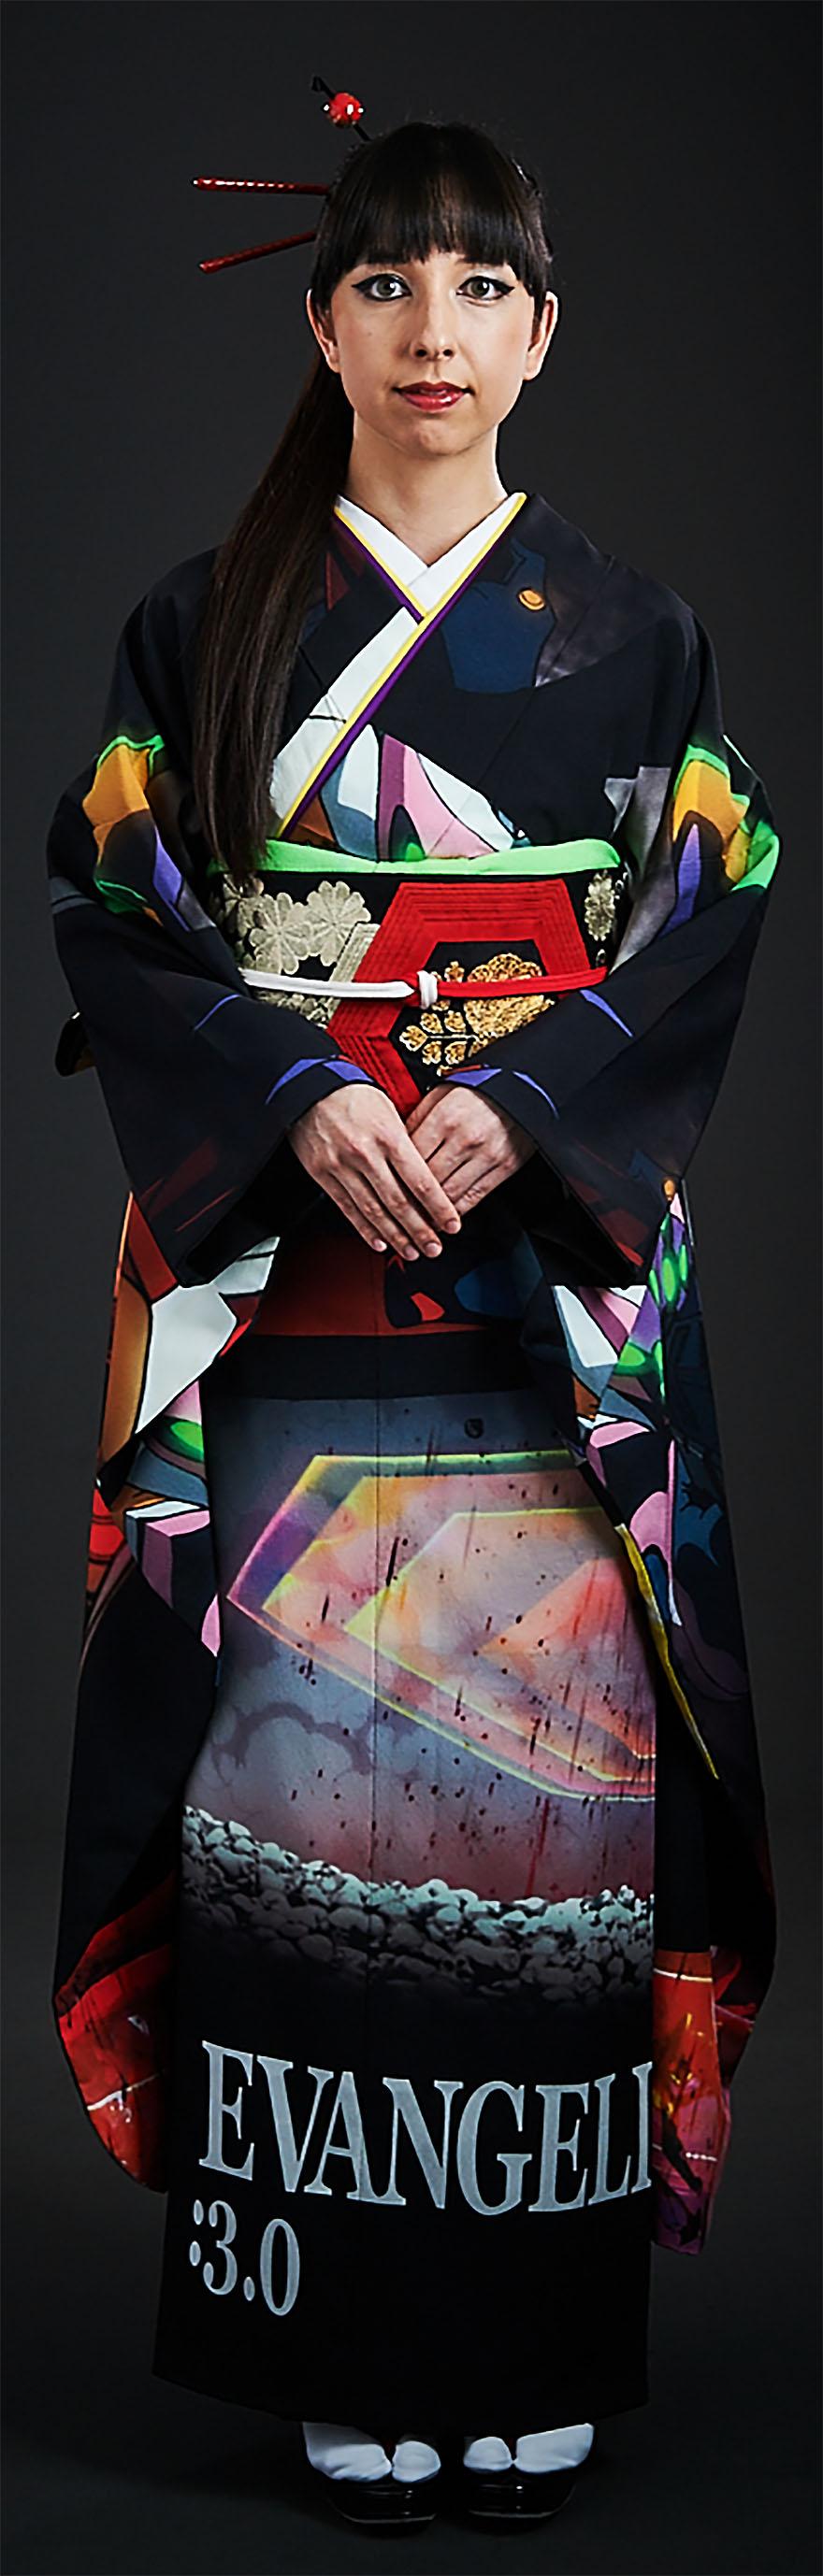 evangelion-x-full-graphic-kimono9